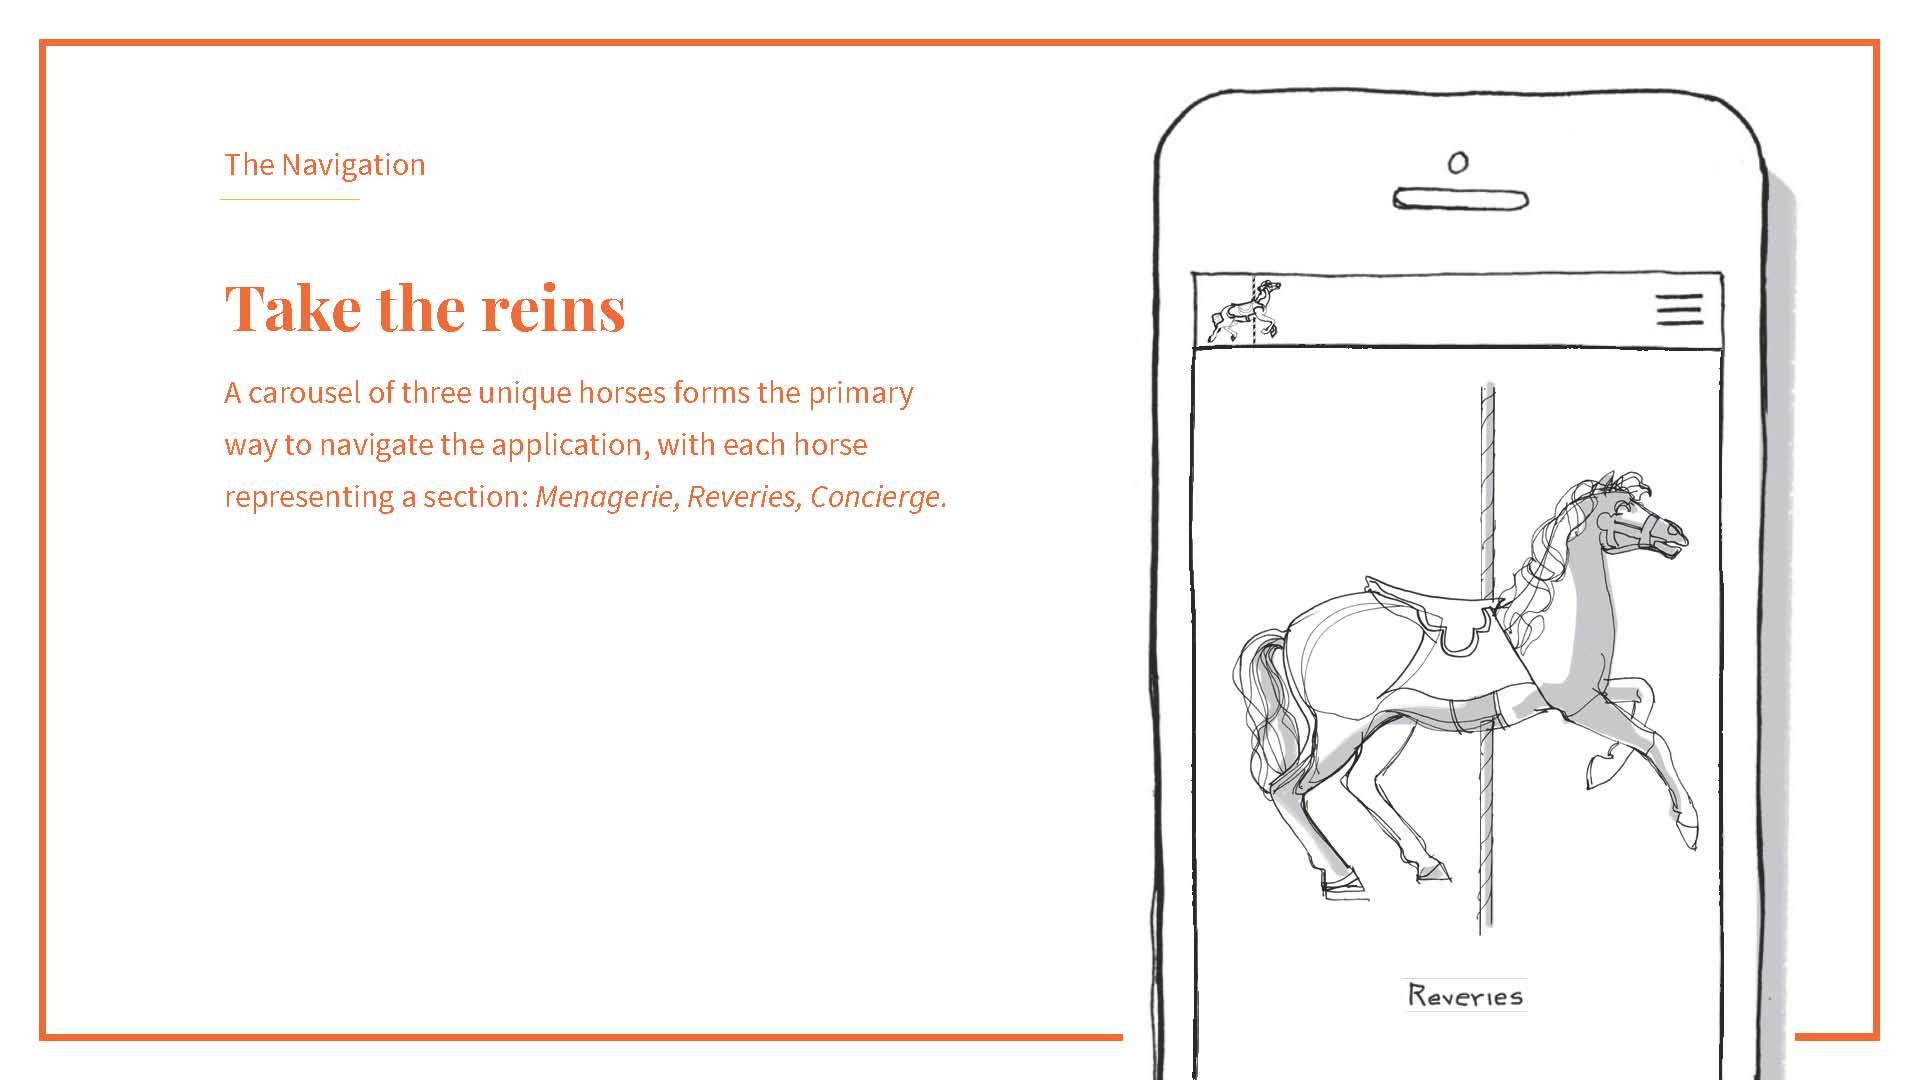 Hermes_062614_v2_Page_07.jpg